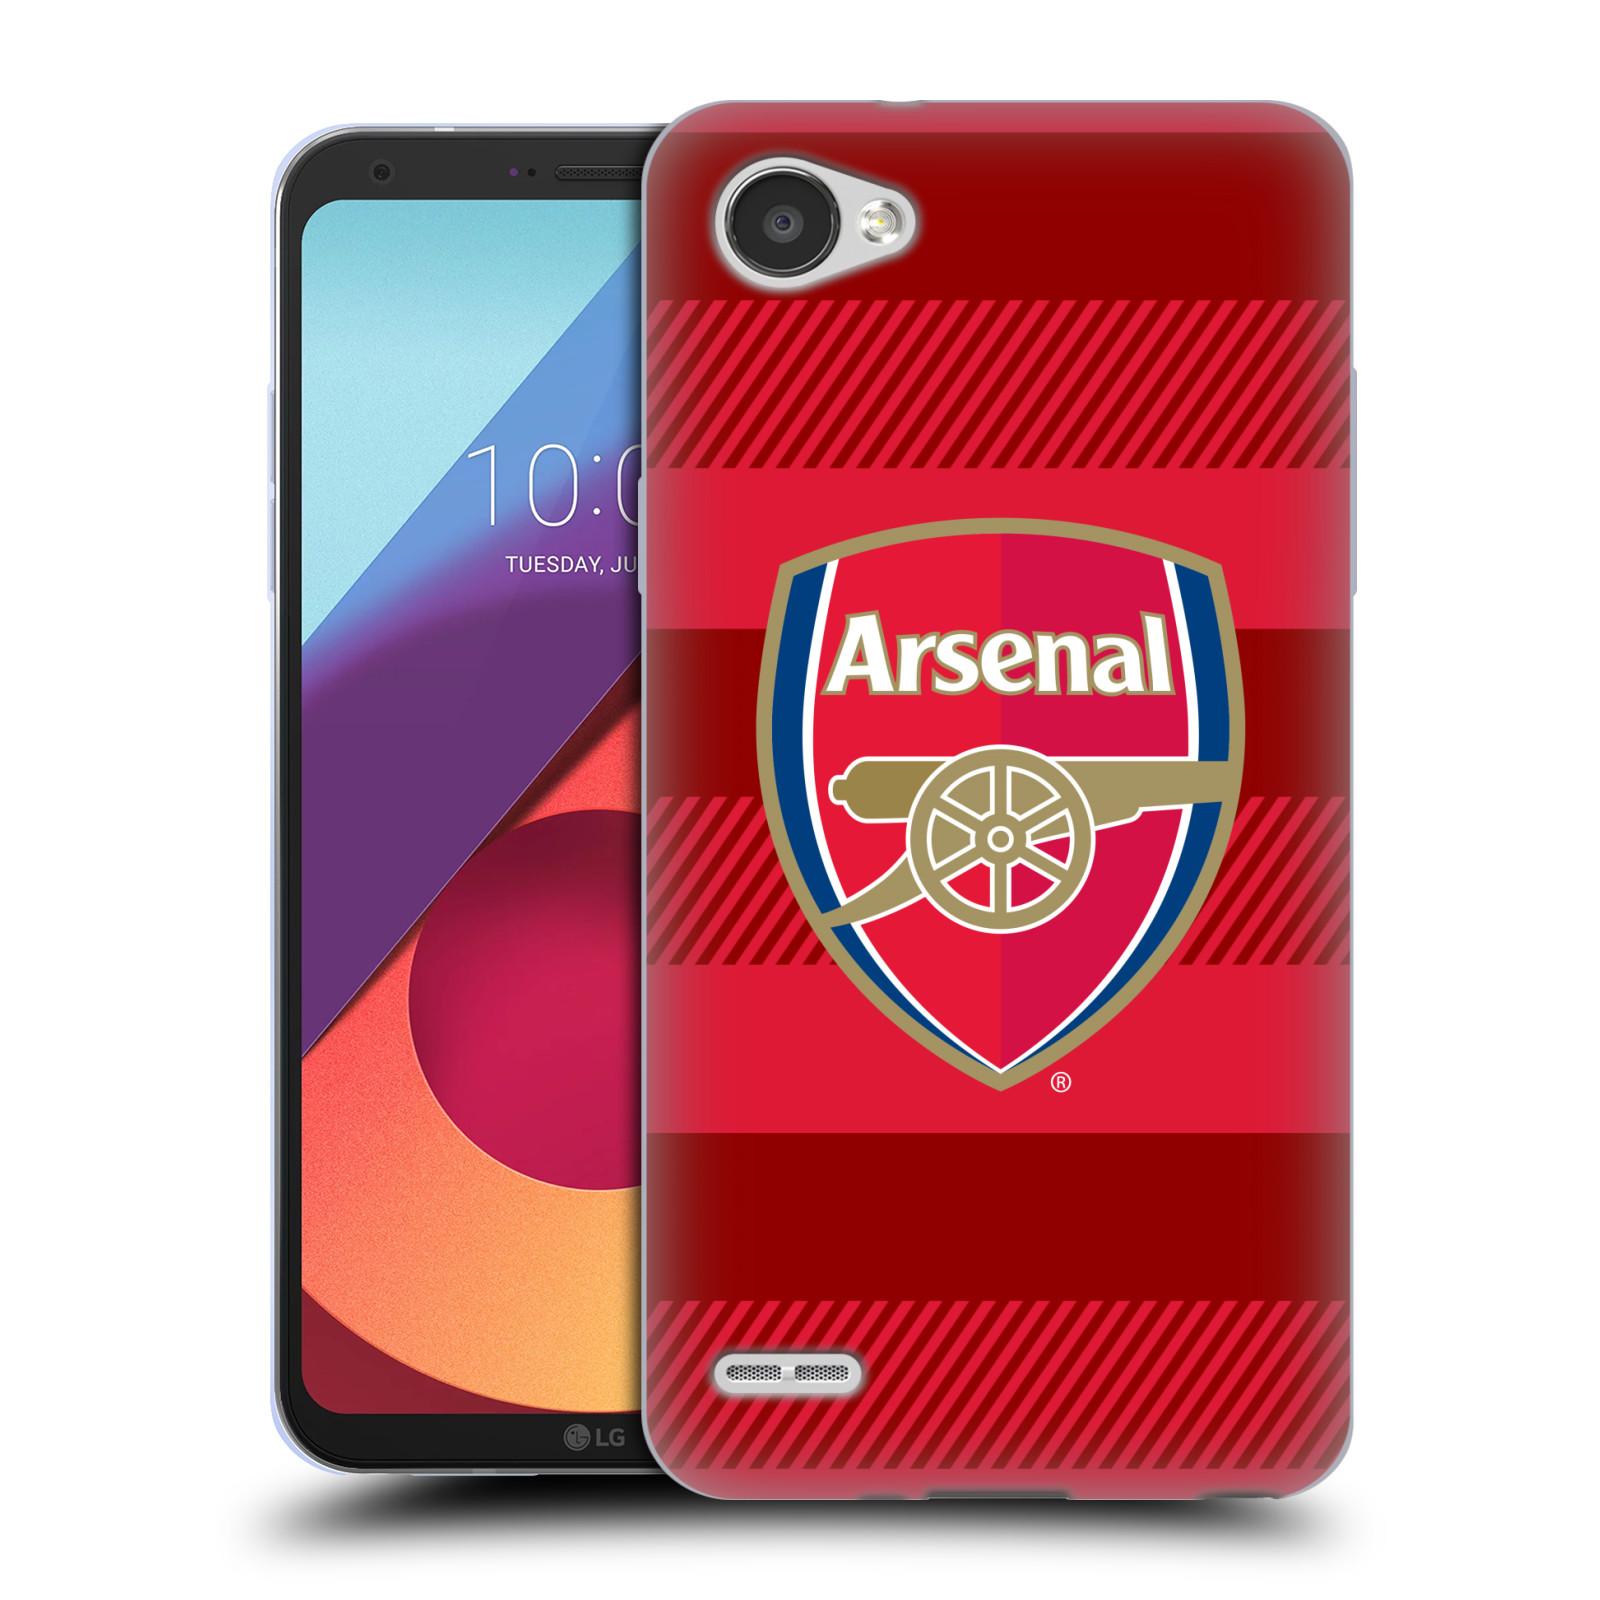 Silikonové pouzdro na mobil LG Q6 - Head Case - Arsenal FC - Logo s pruhy